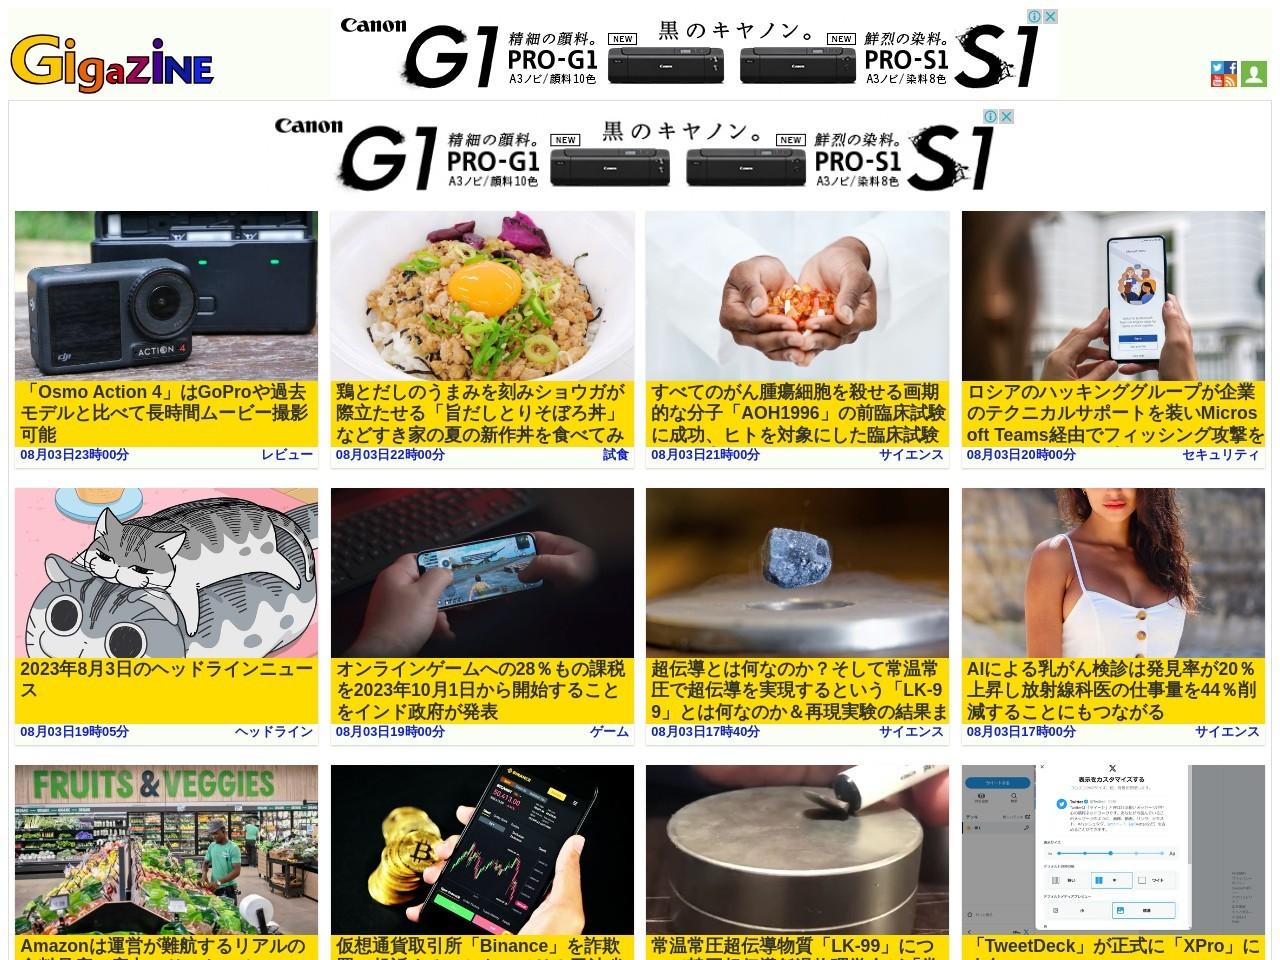 http://gigazine.net/news/20140723-work-shorter-make-better/